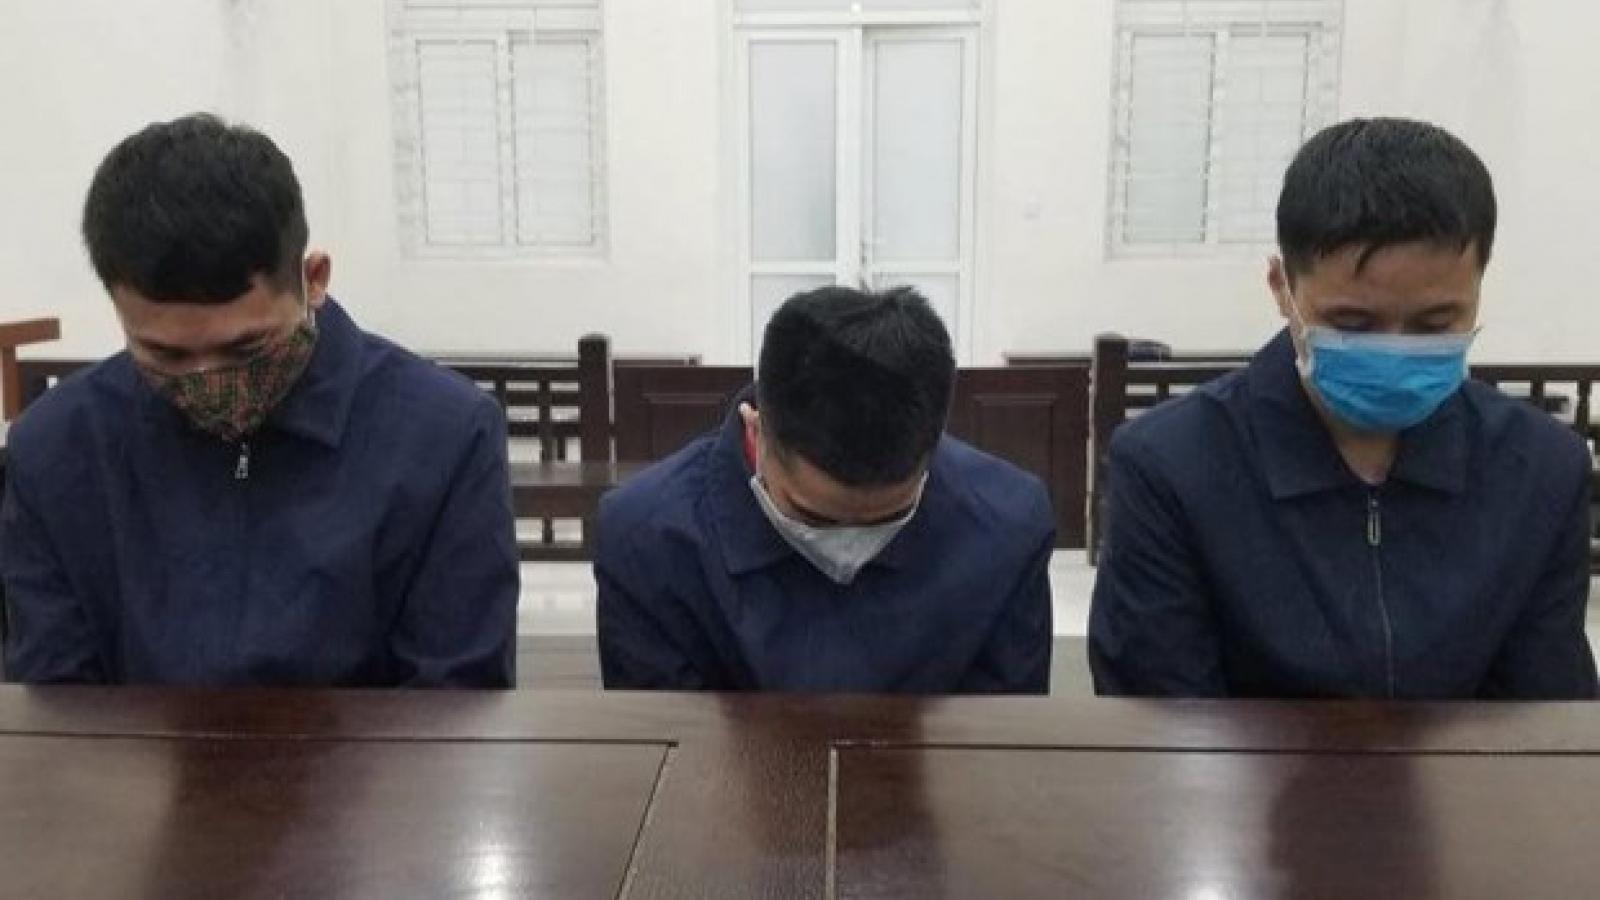 """Hà Nội: Lĩnh án tù vì """"chuyển nhượng"""" 3 thiếu nữ dưới 16 tuổi"""